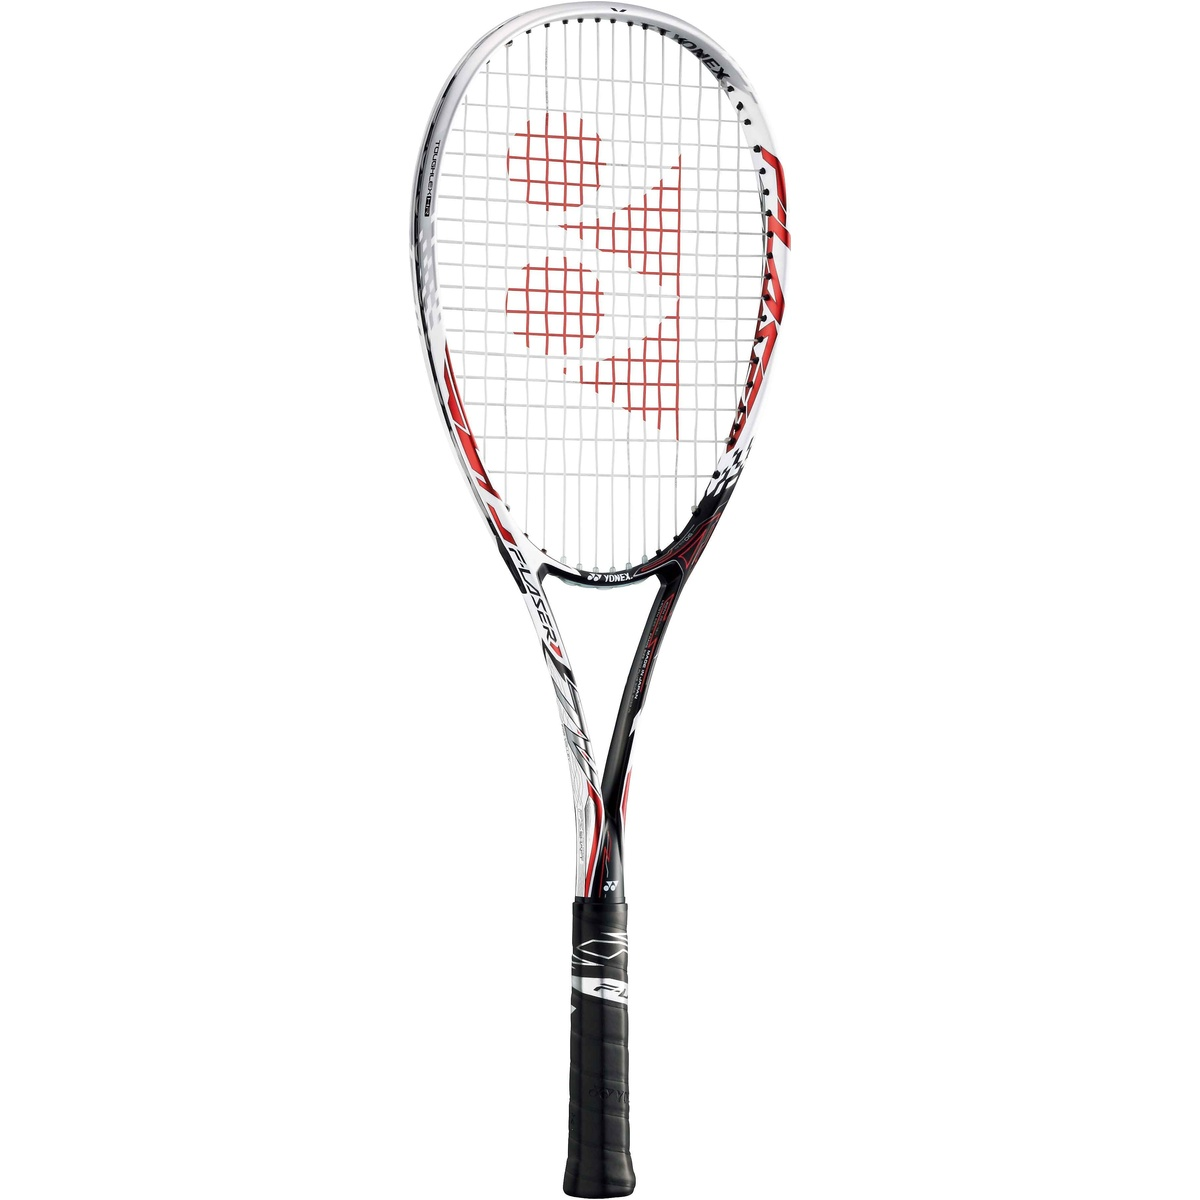 【送料無料】 YONEX (ヨネックス) 【フレームのみ】ソフトテニス フレームラケット エフレーザー7V レッド FLR7V